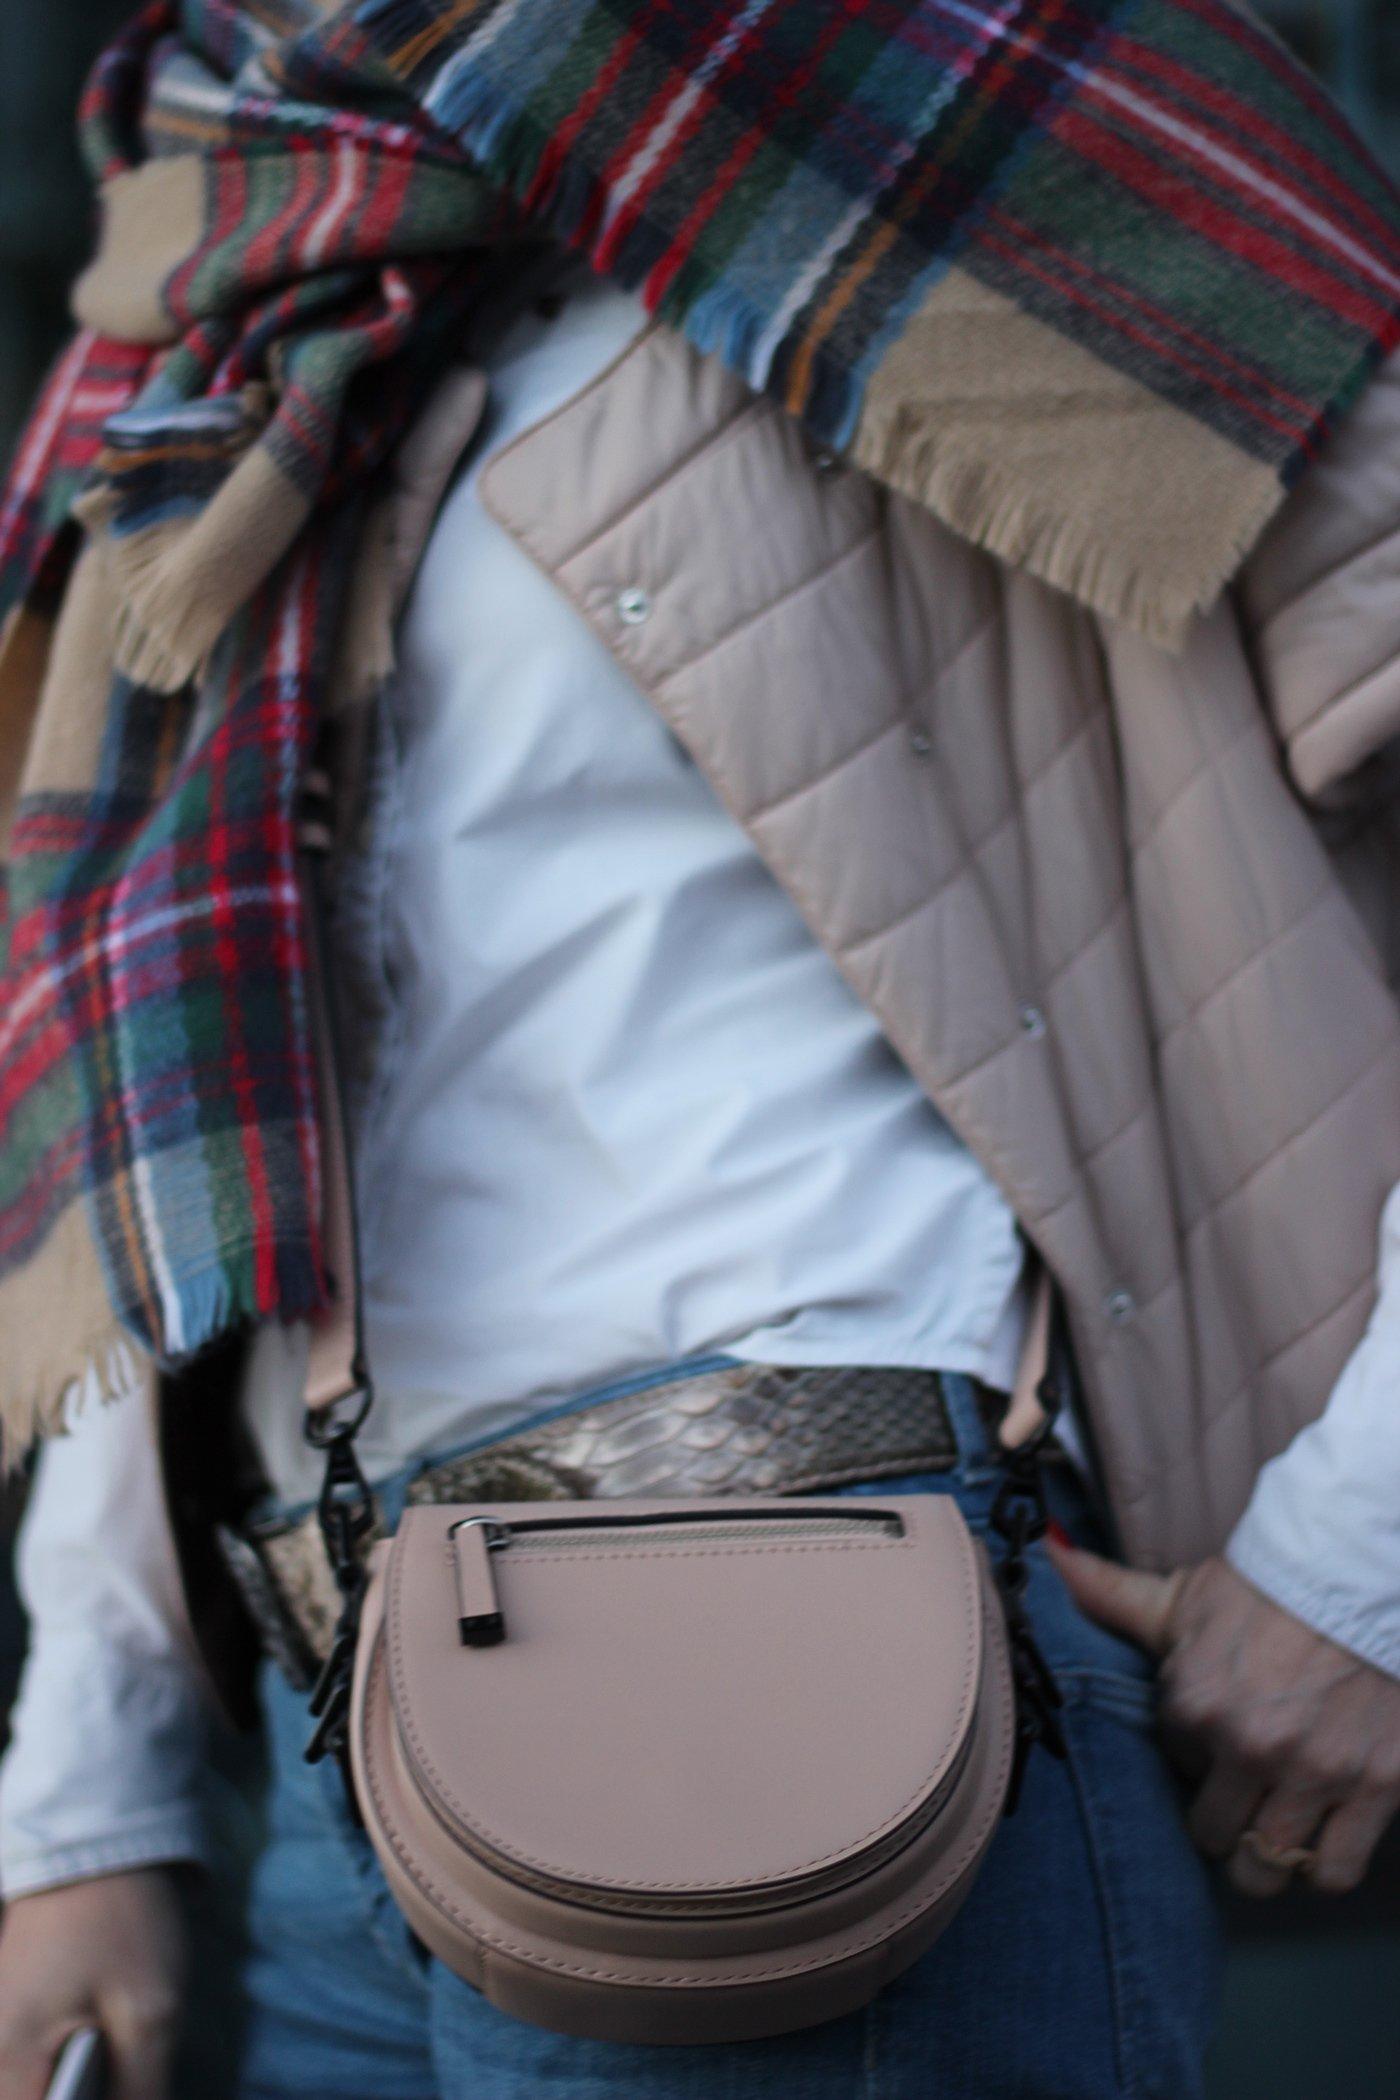 kleine Rebecca Minkoff-Tasche und Details vom Outfits